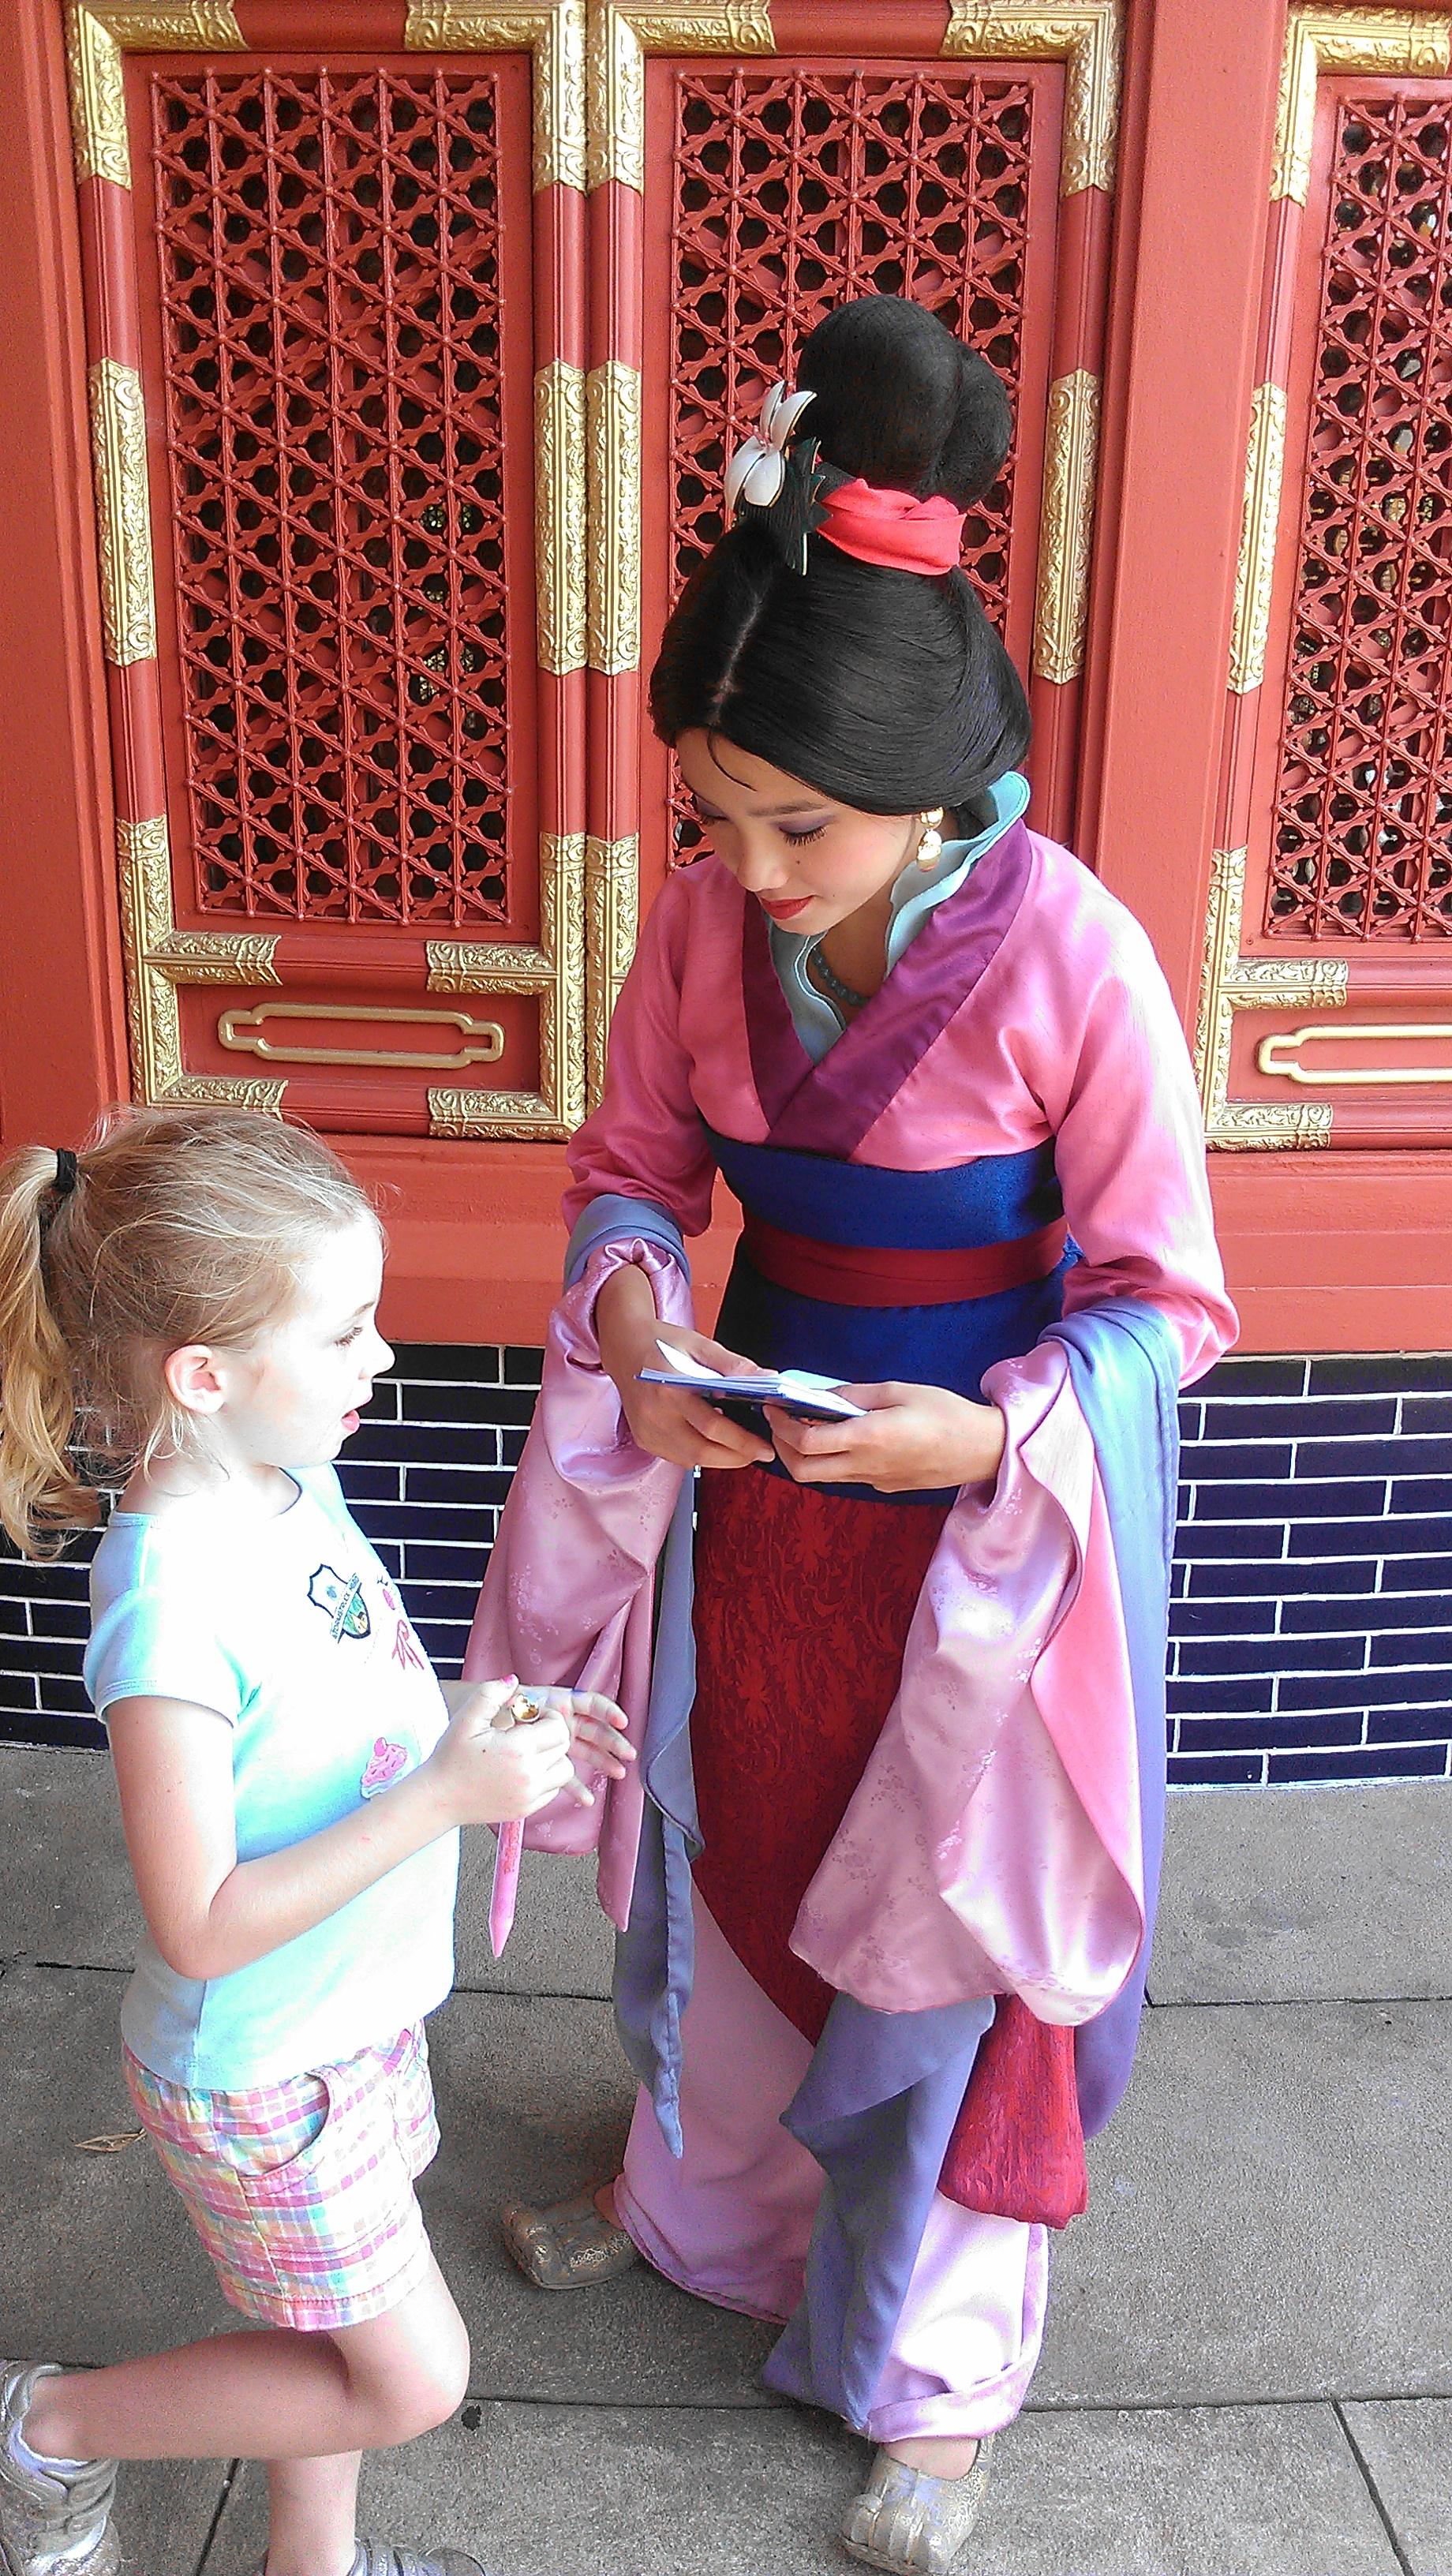 E meets Mulan